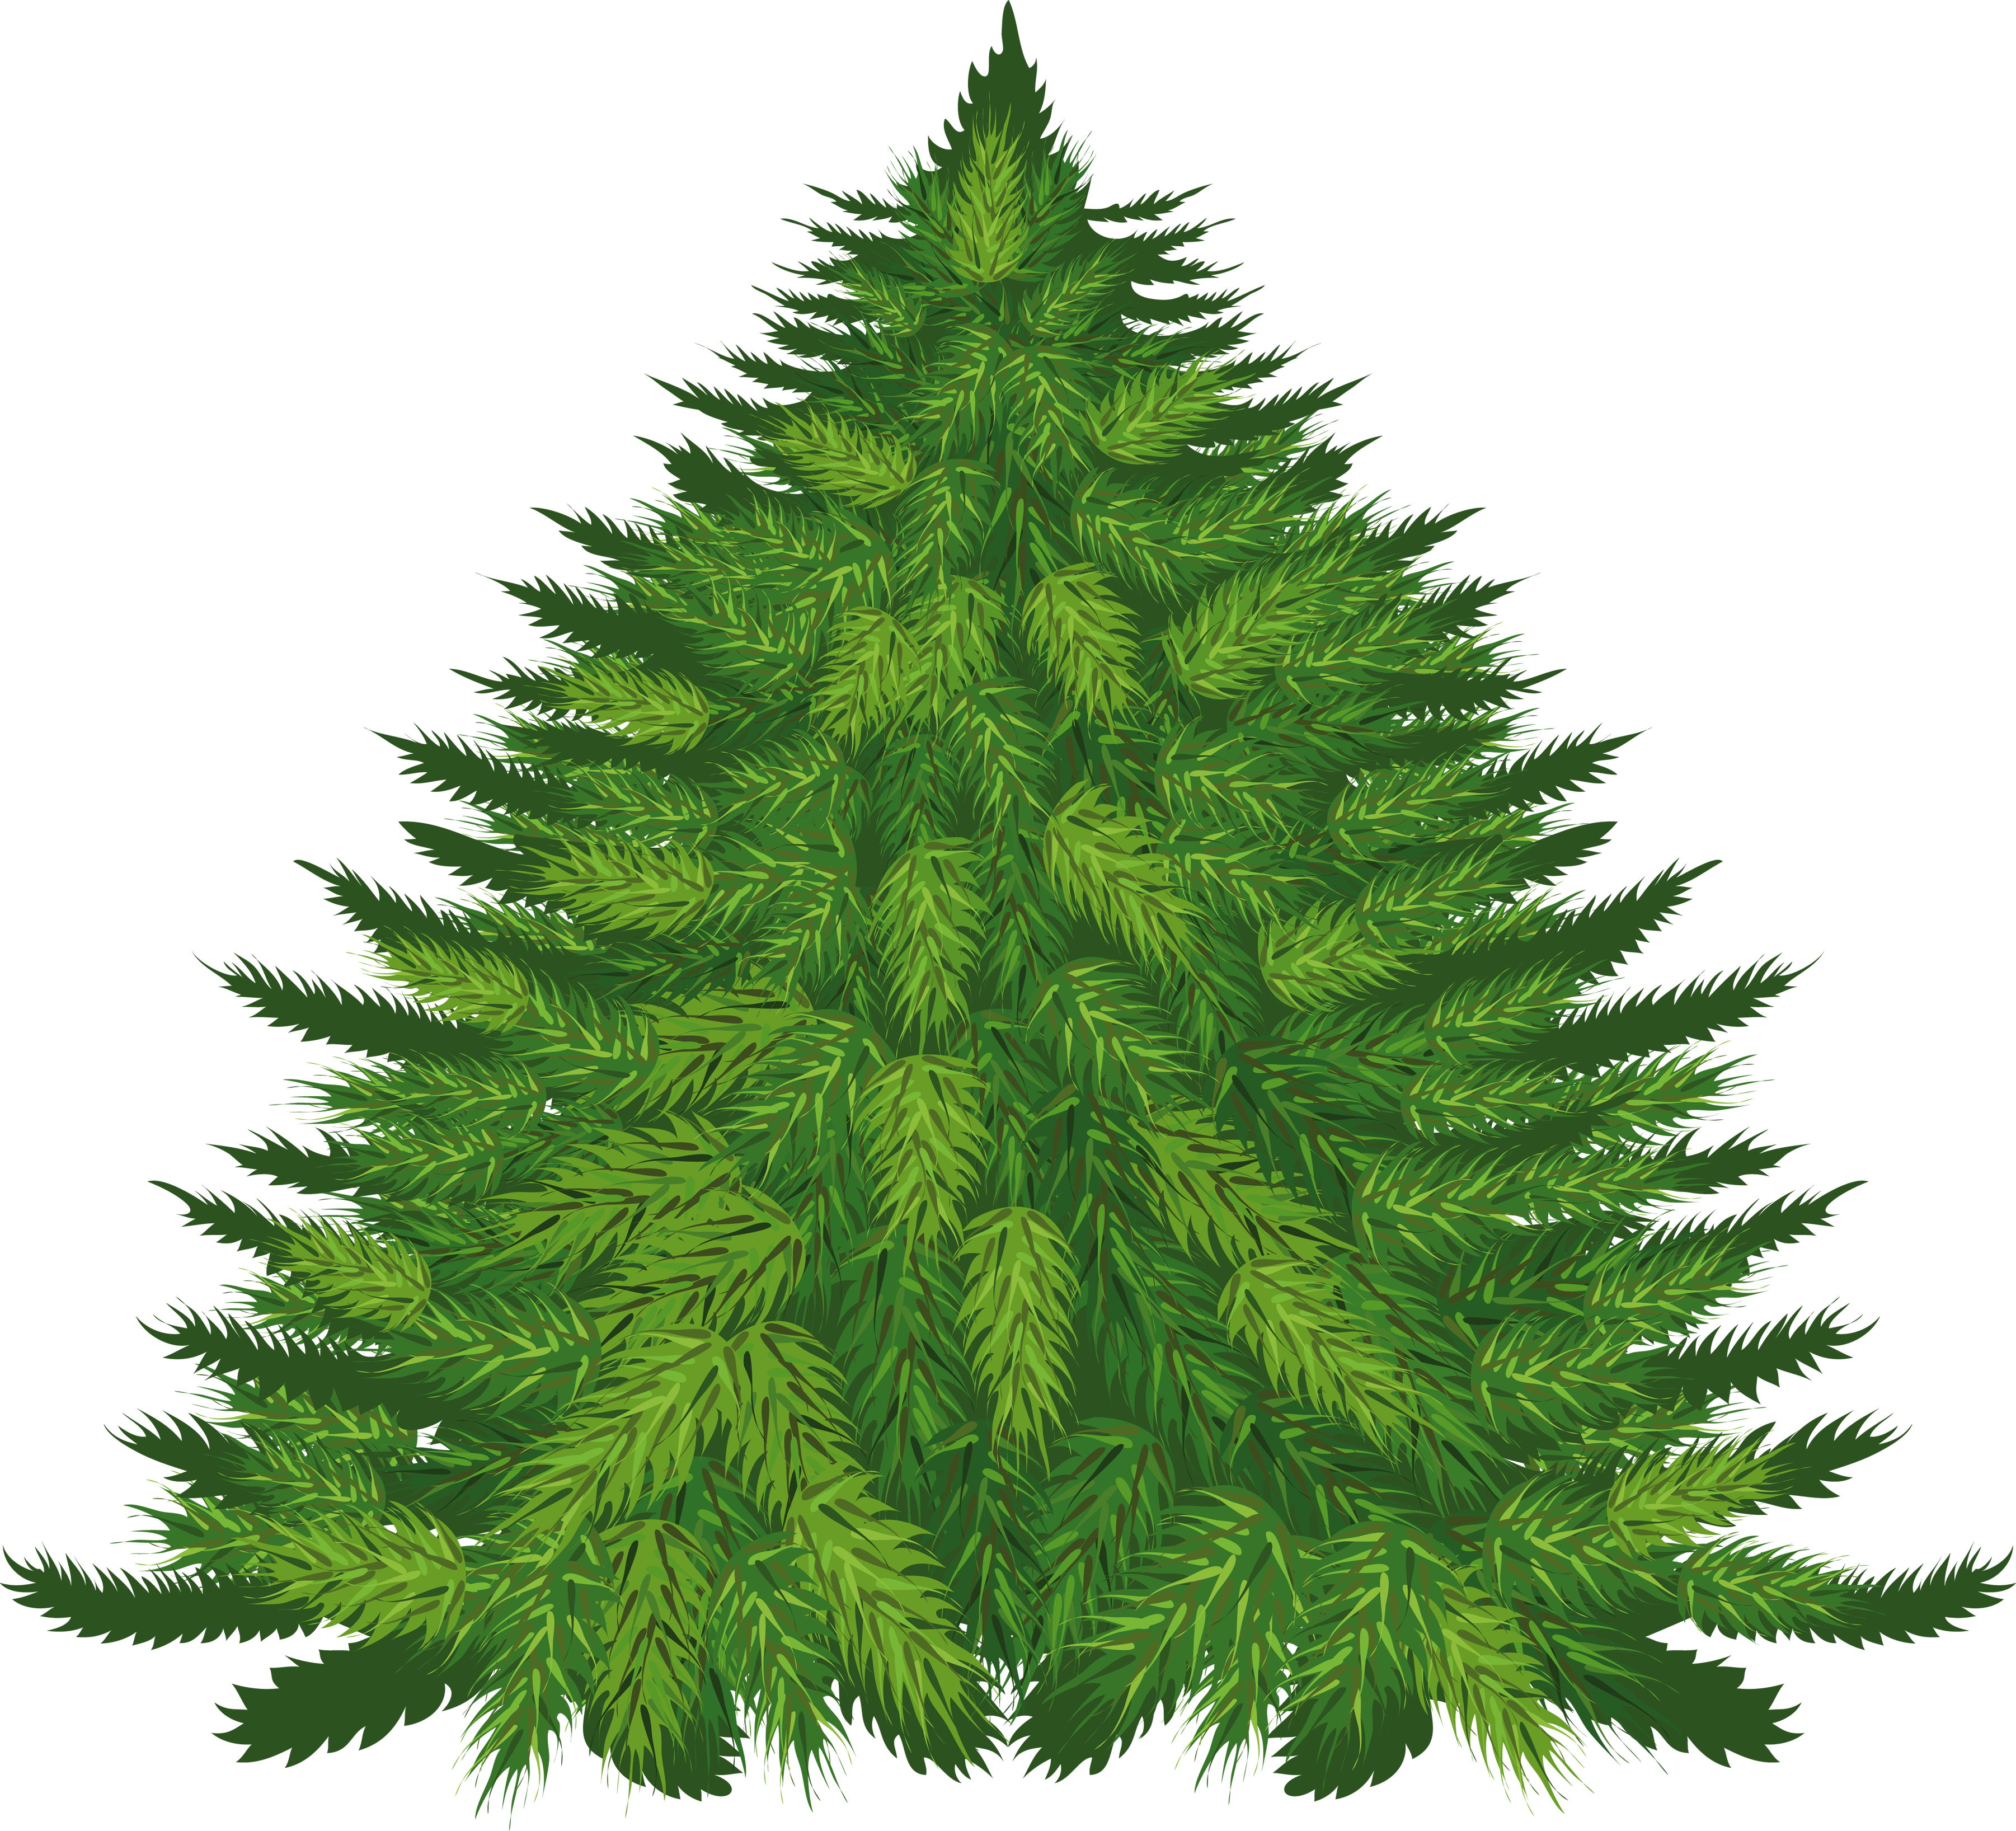 Fir Tree Png Image Fir Tree Tree Conifer Trees